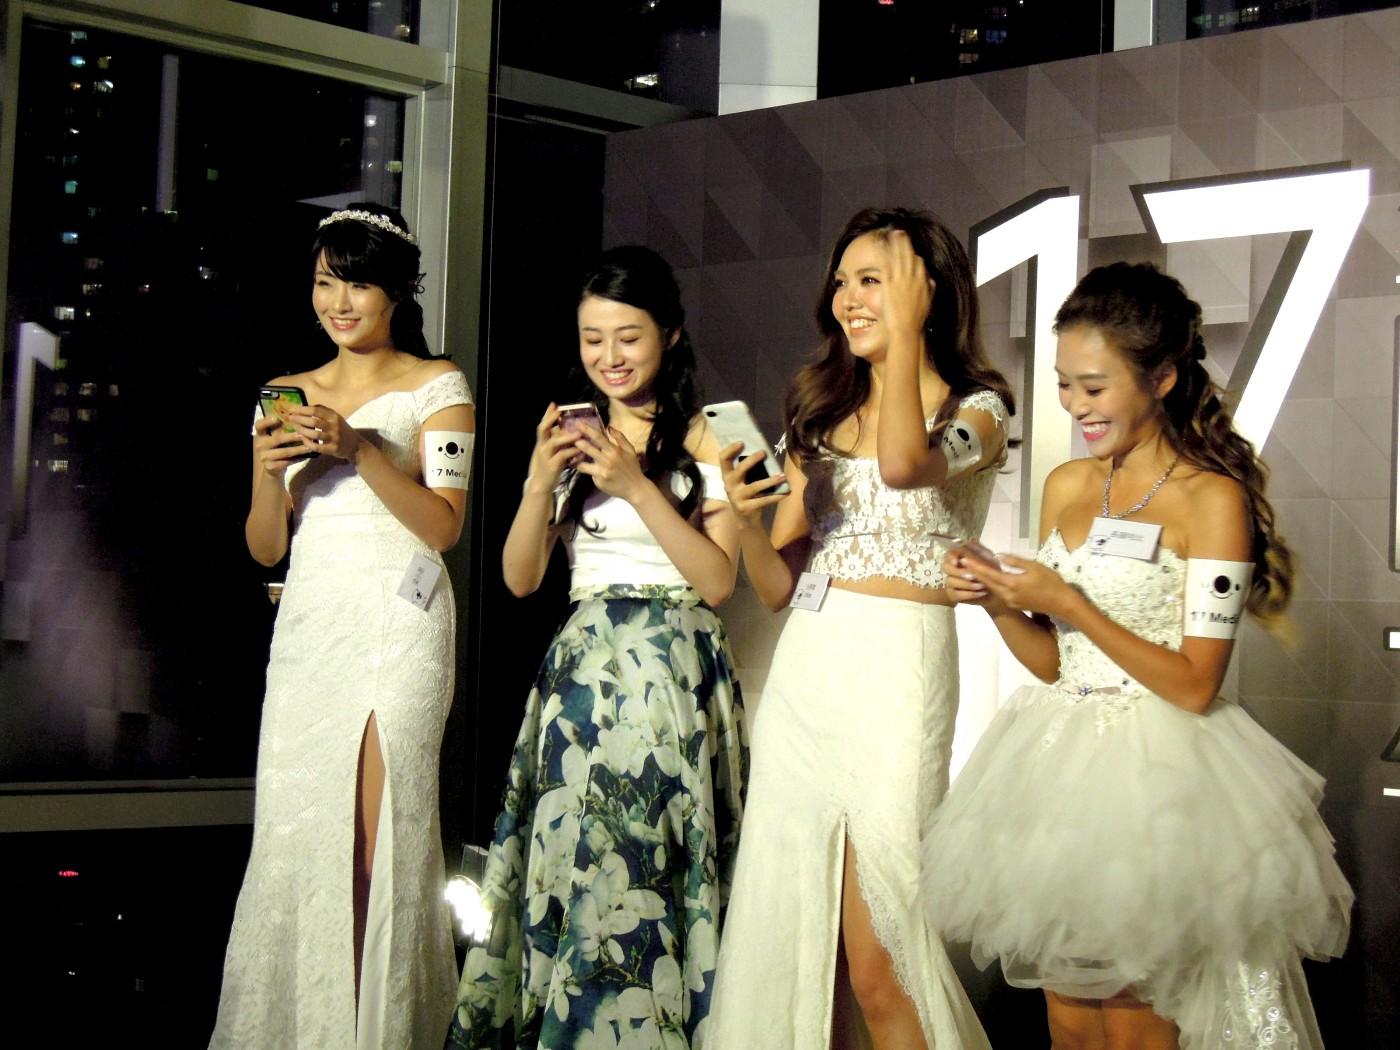 17直播進攻香港靠明星圈粉,近四成直播主都有藝人背景